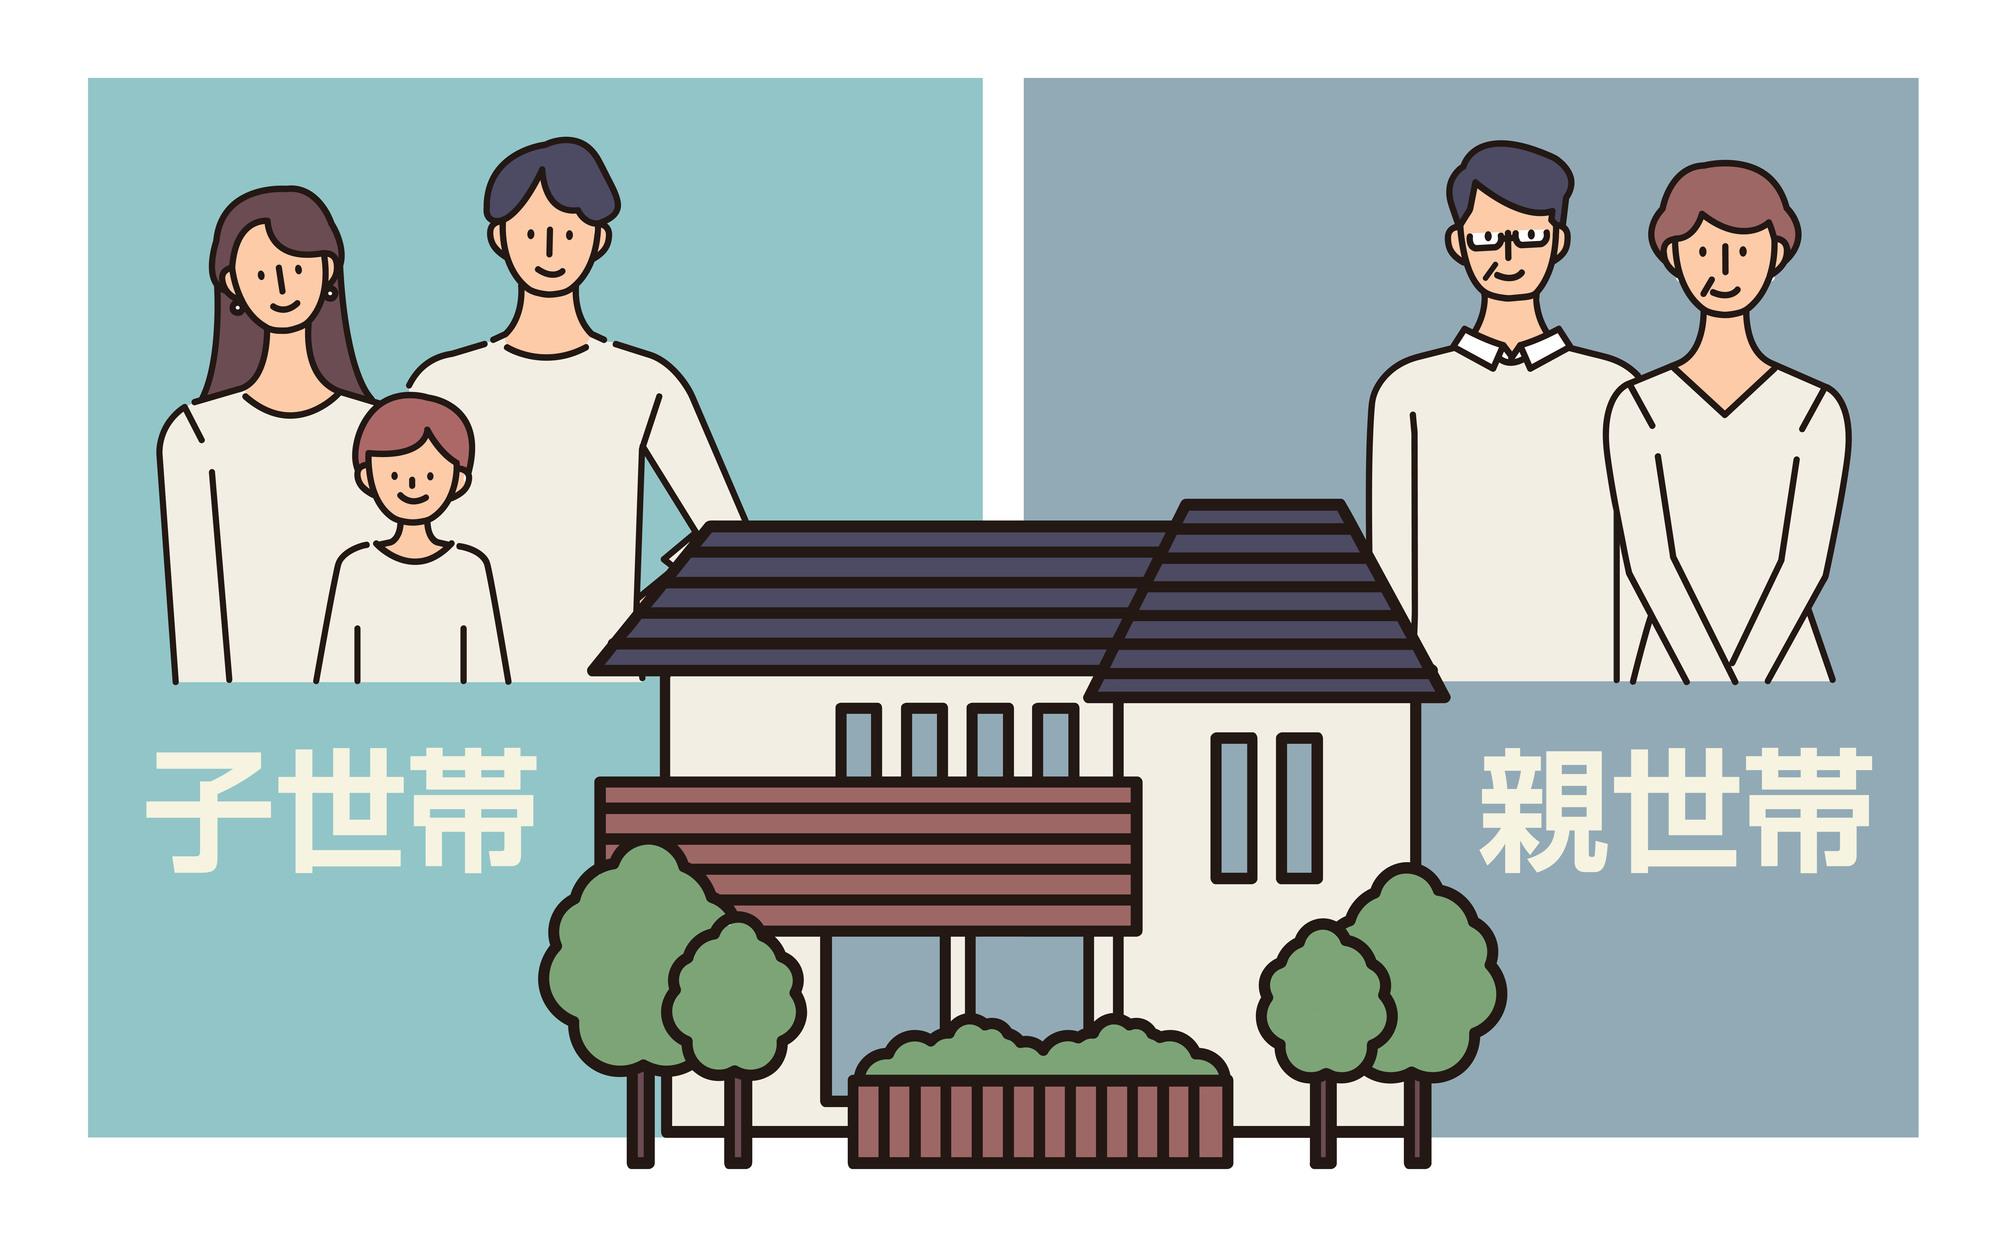 二世帯住宅を建てたい!間取り作成のポイントを紹介